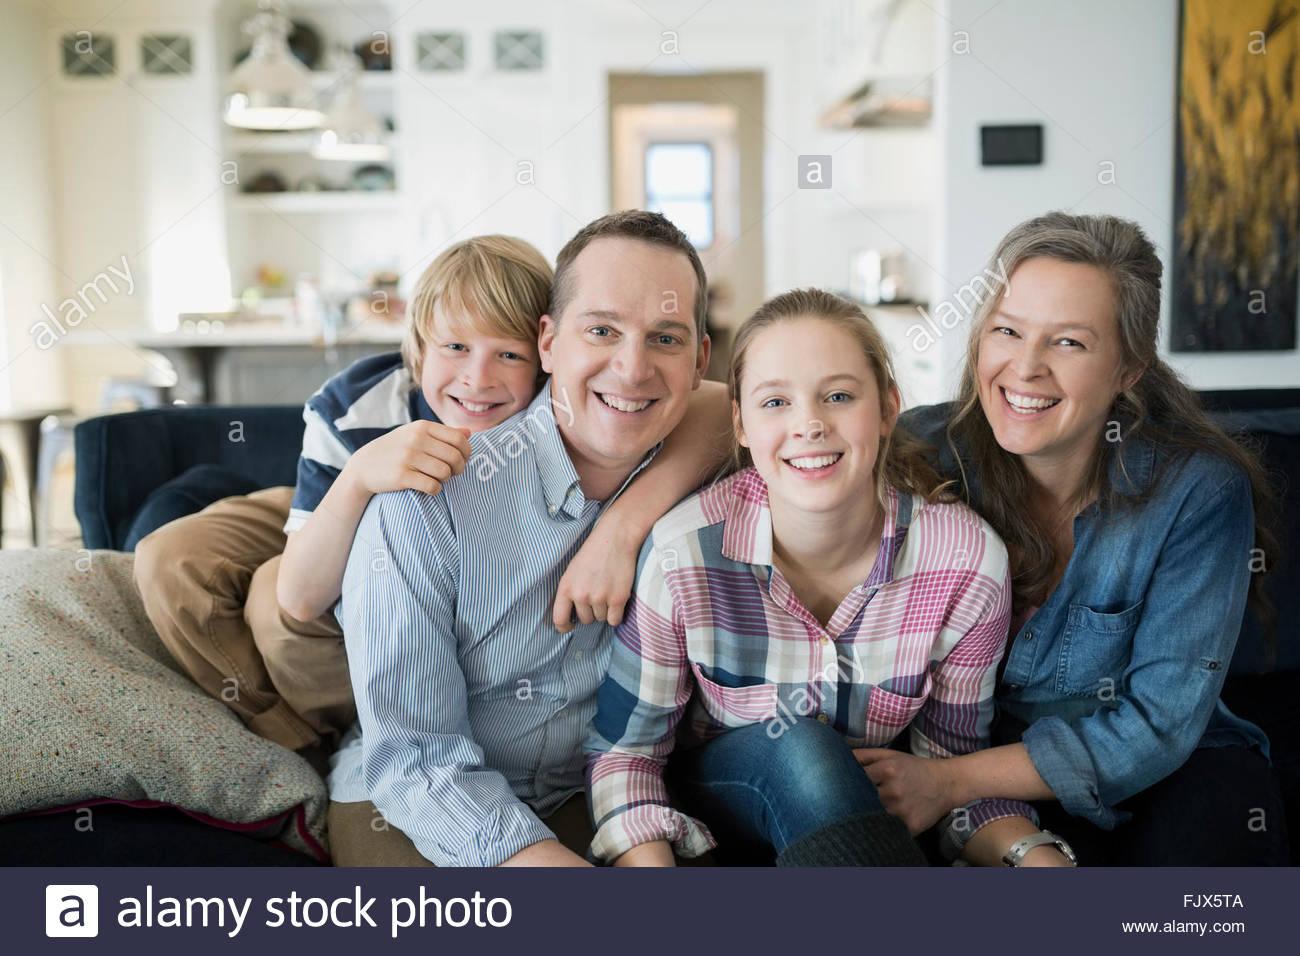 Retrato de familia sonriente en el sofá de la sala Imagen De Stock